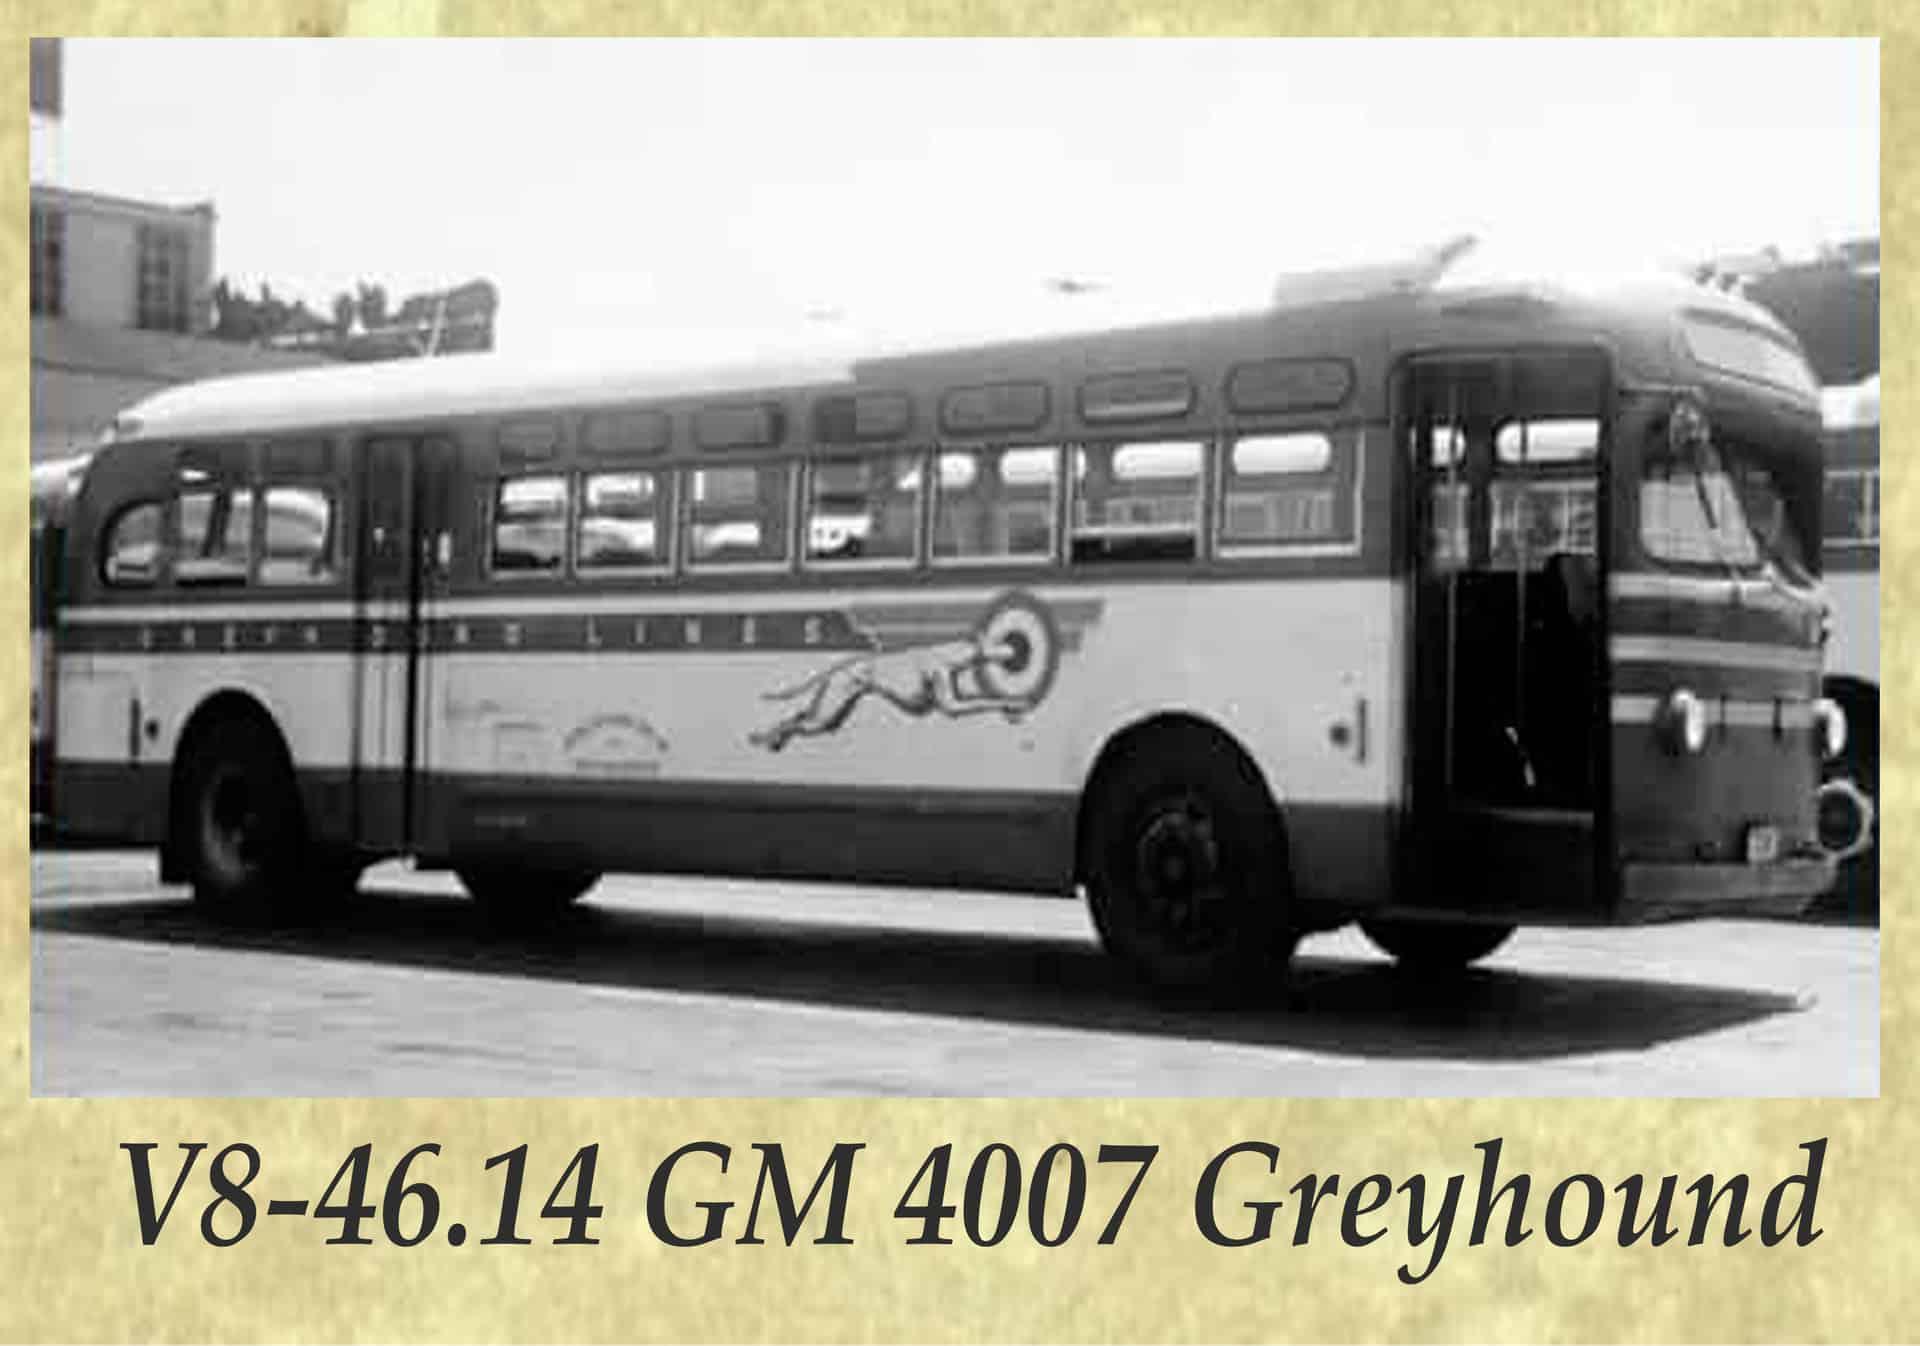 V8-46.14 GM 4007 Greyhound